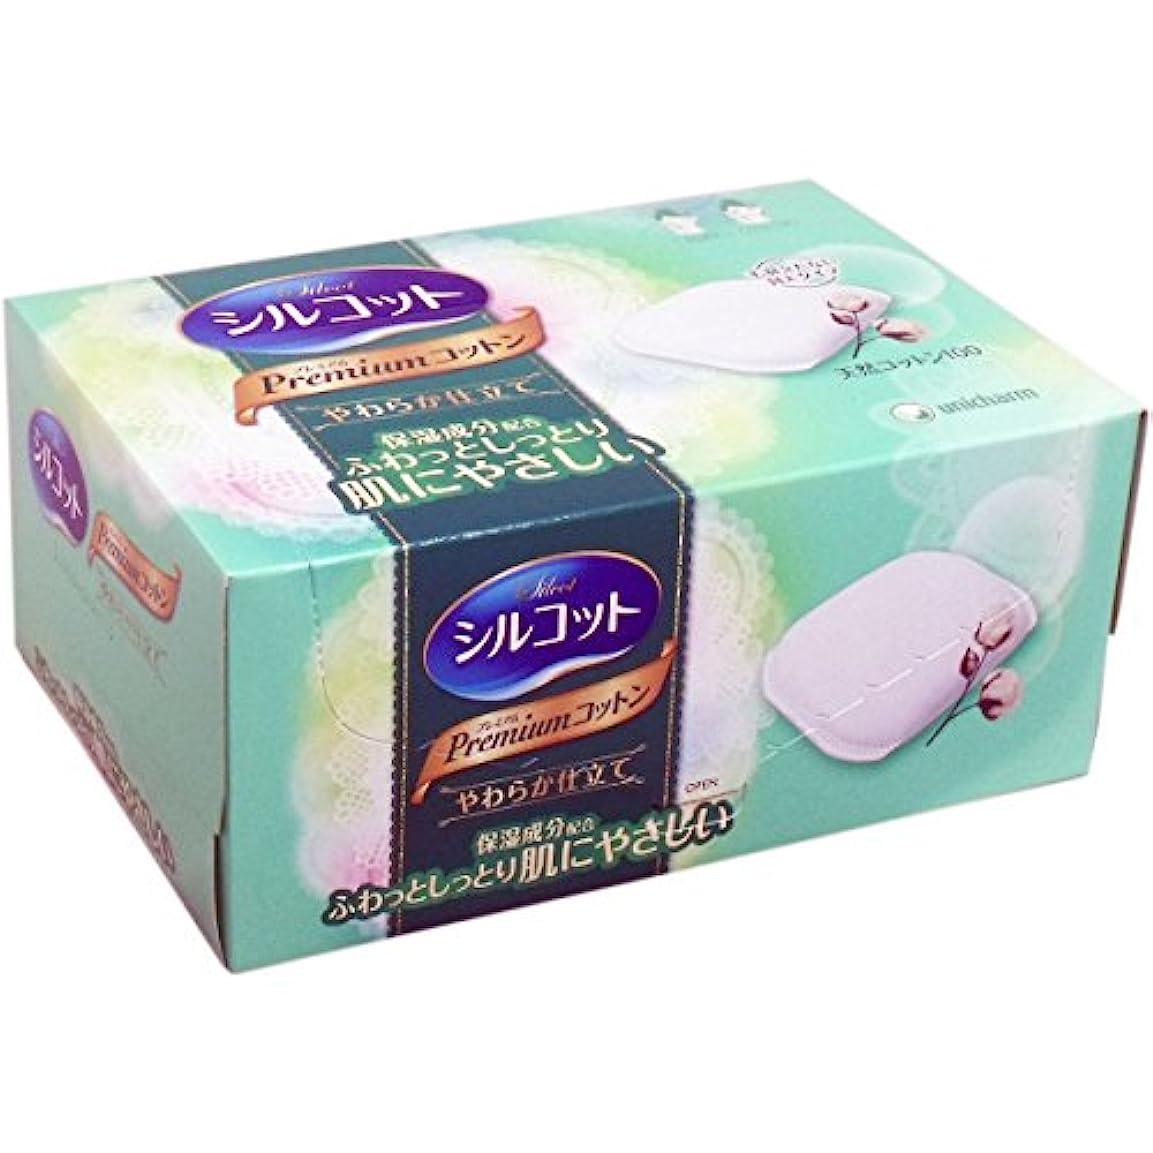 カード浴谷【まとめ買い】シルコット やわらかリッチ仕立て 66枚入【×8個】